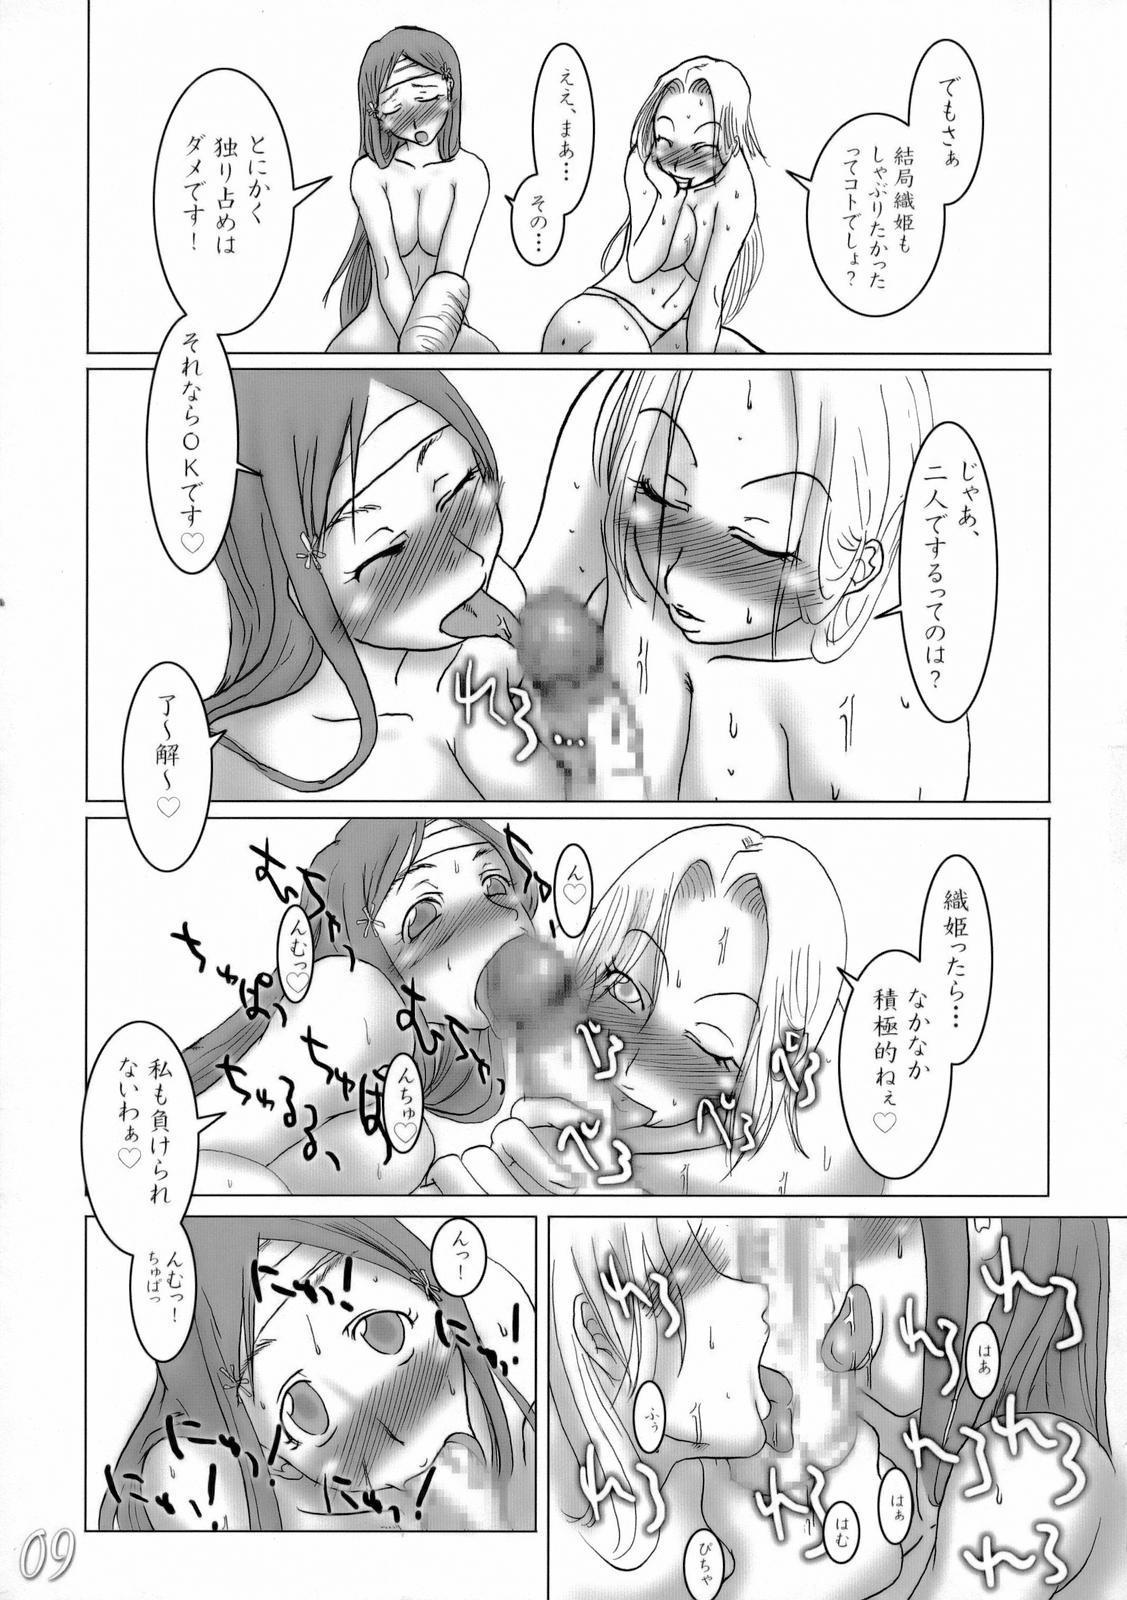 (CT7) [HIGHWAY-SENMU (Maban, Saikoubi)] H-Sen 9 - Erotical Miyasato Bros. (Bleach) 7